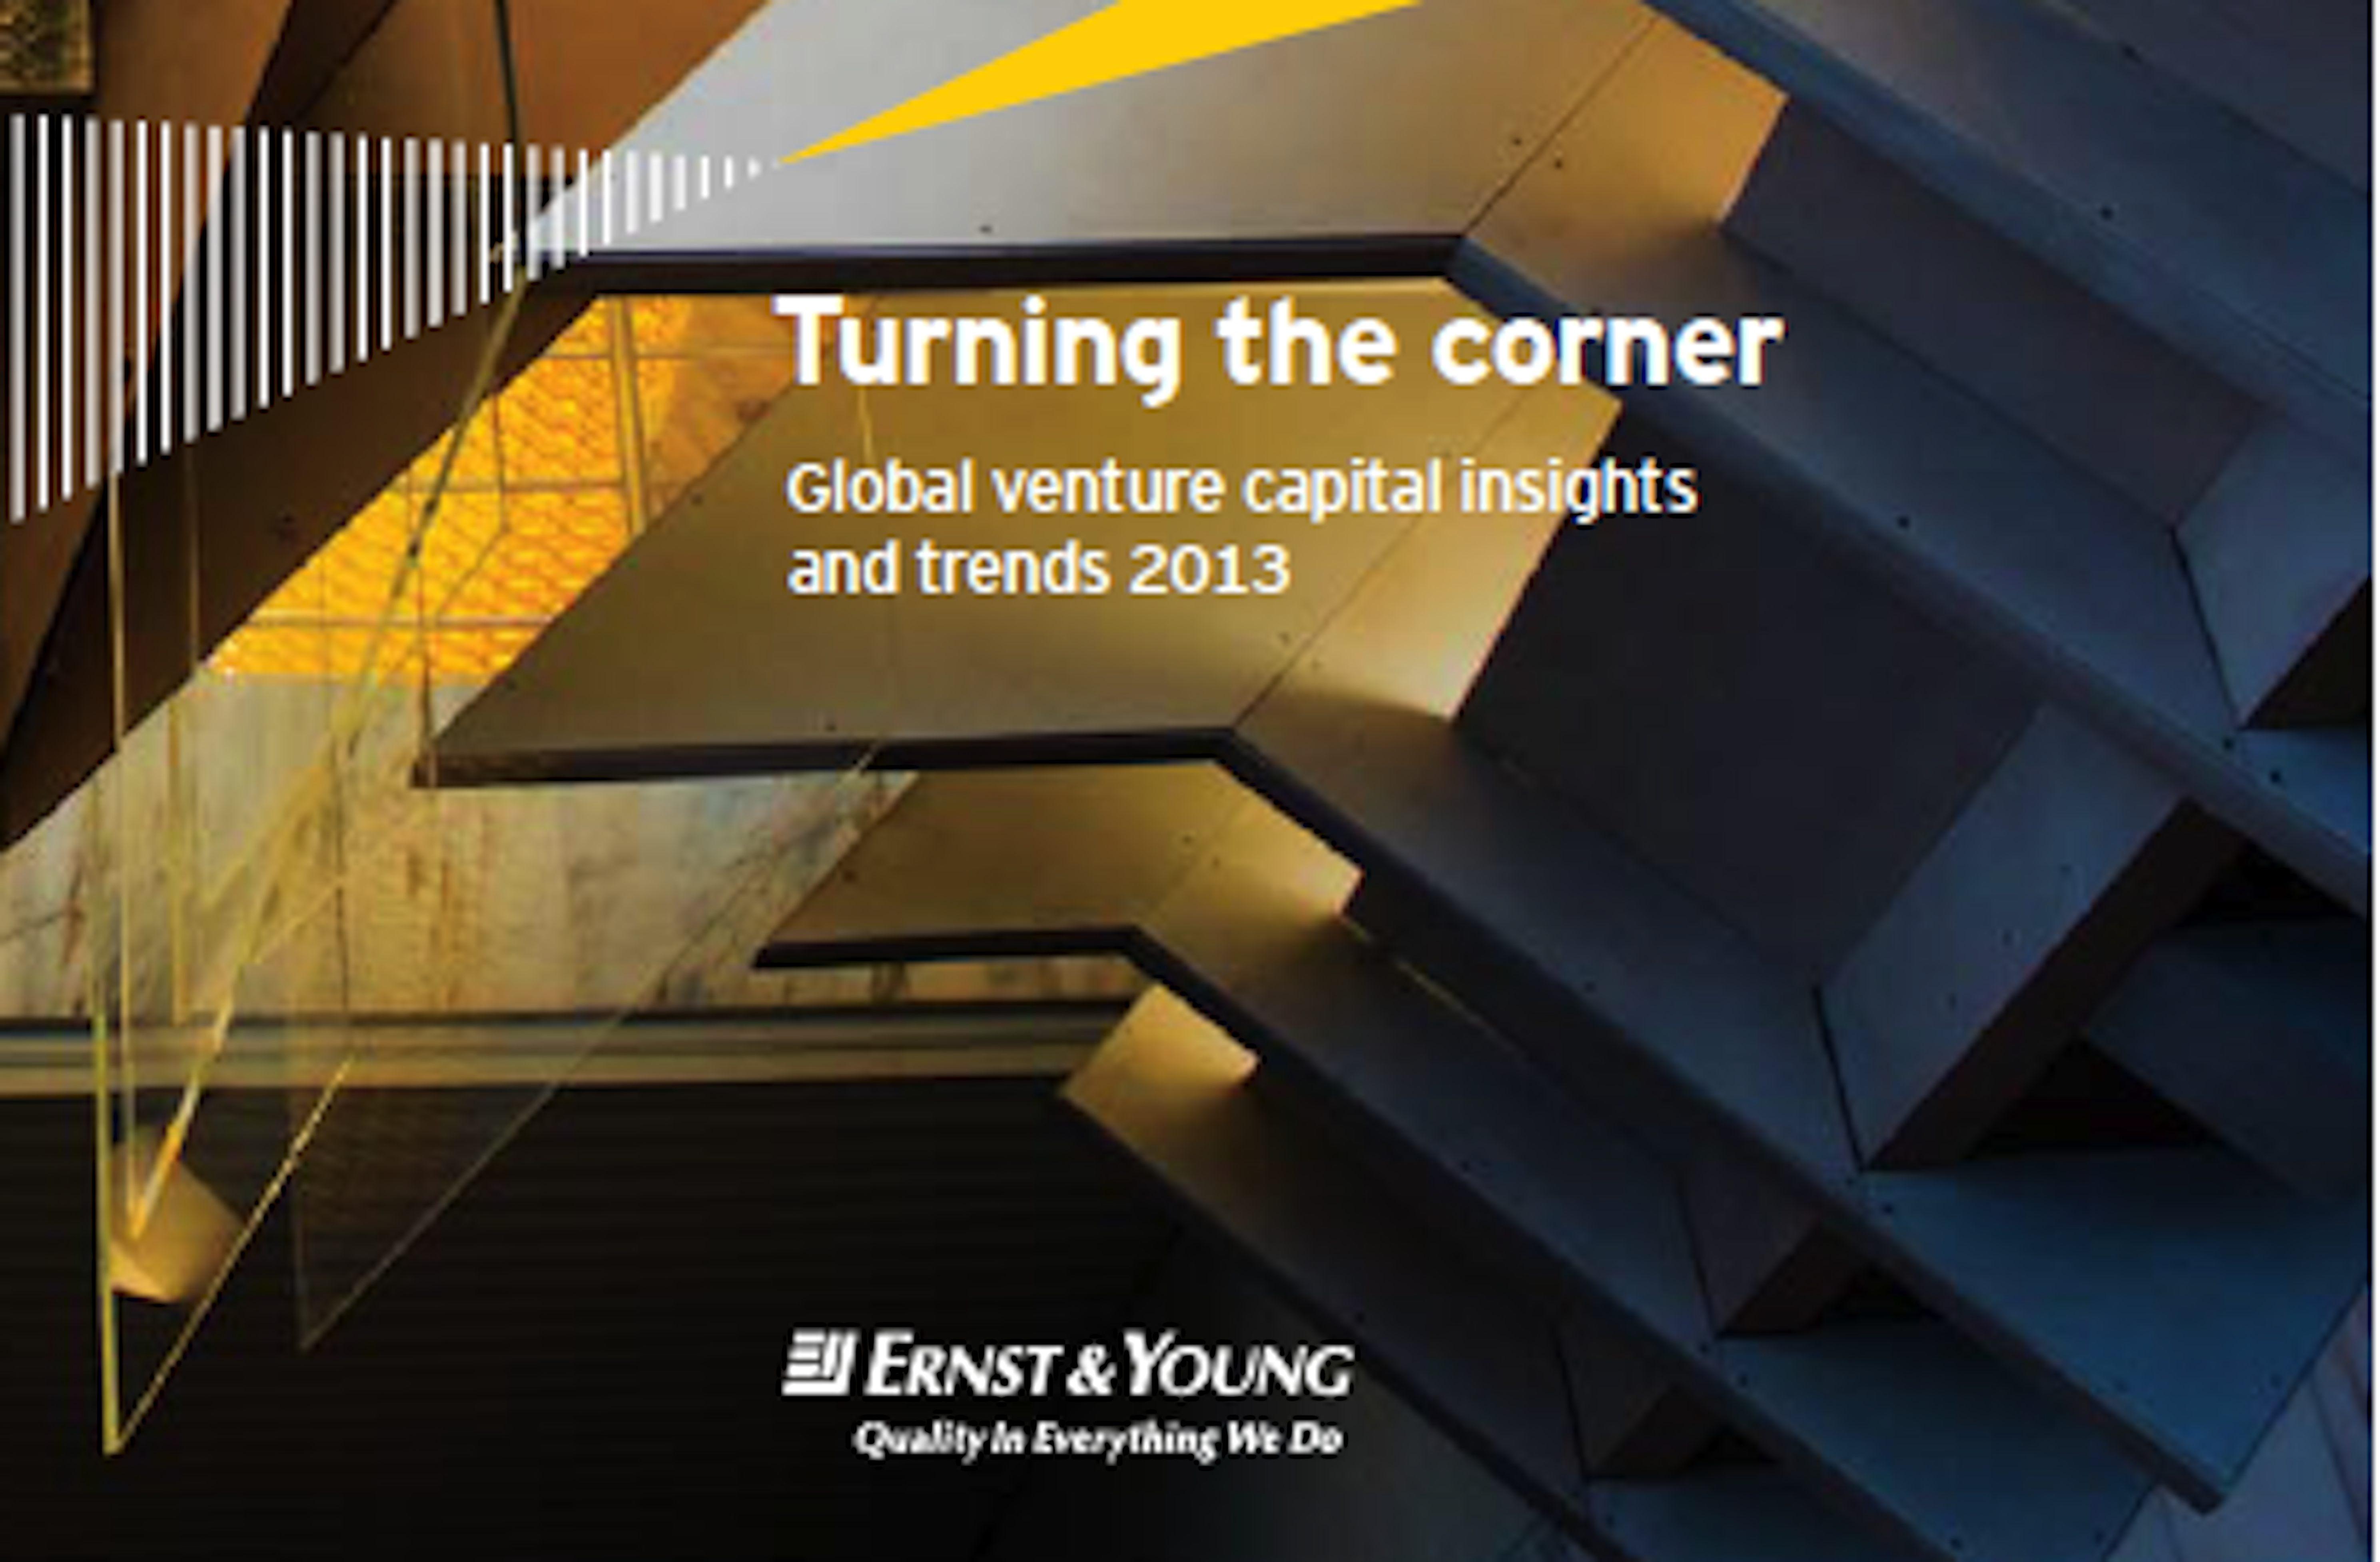 La ccopertina del report Ernst&Young